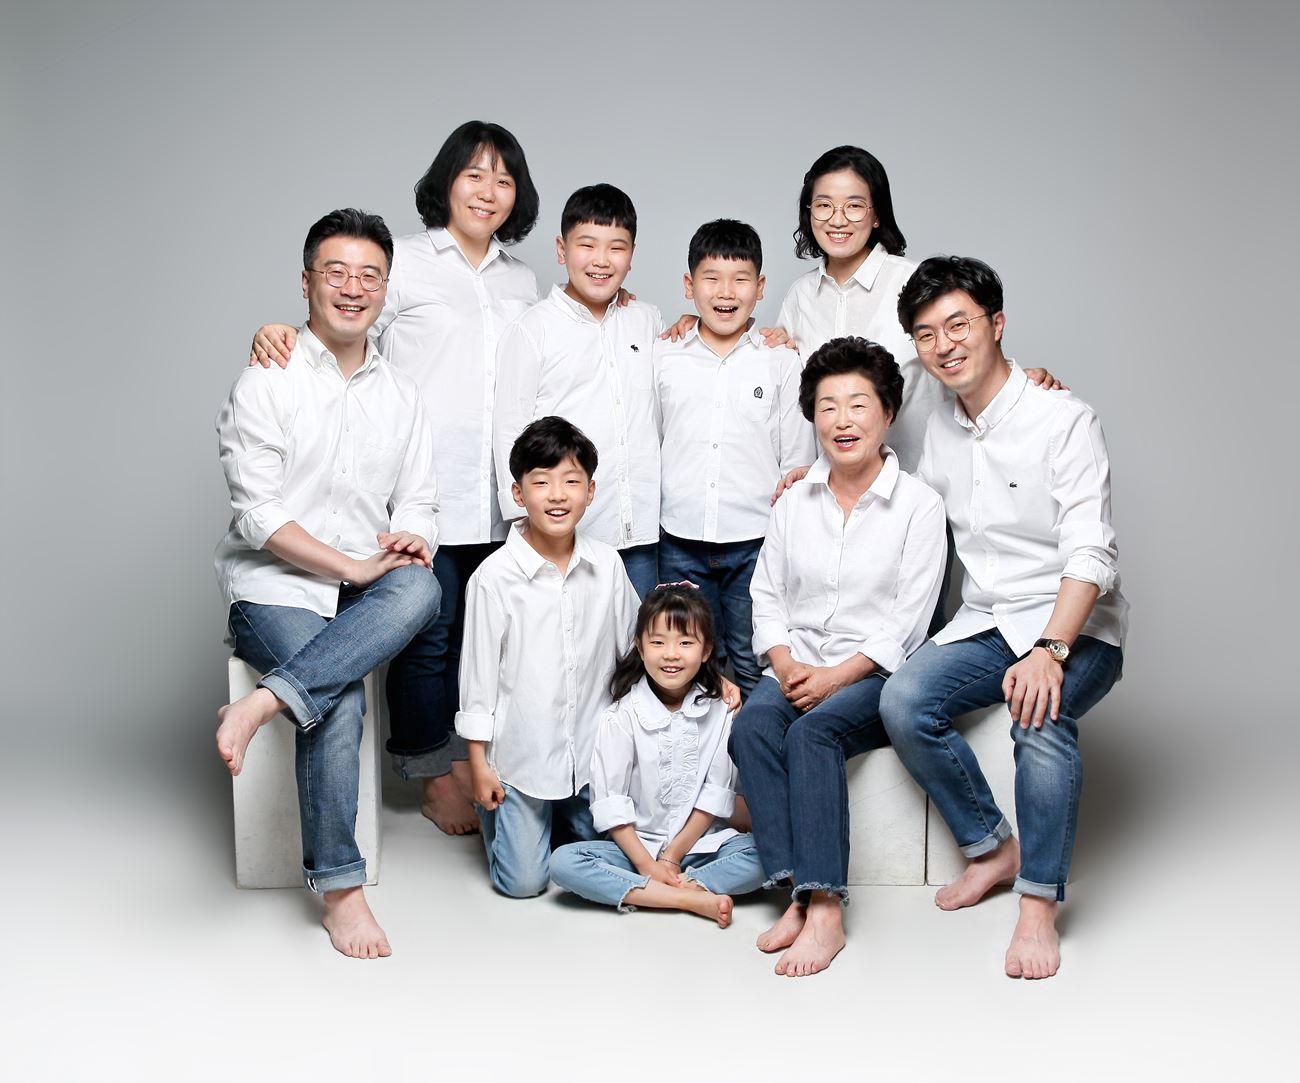 대가족 사진.jpg